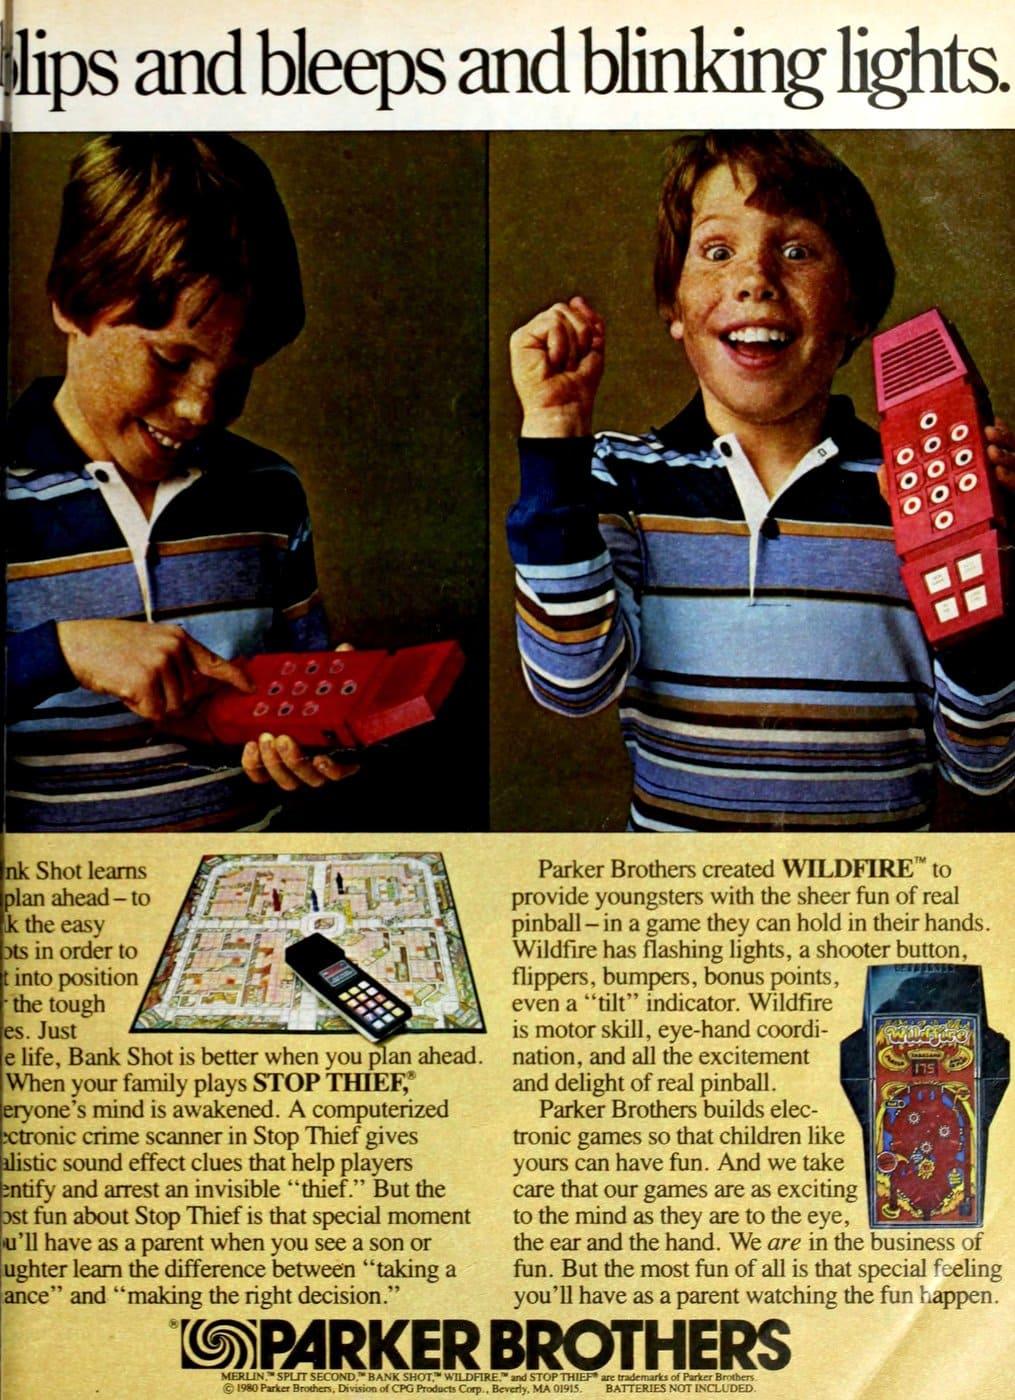 Vintage Parker Brothers Merlin electronic handheld games (1980)